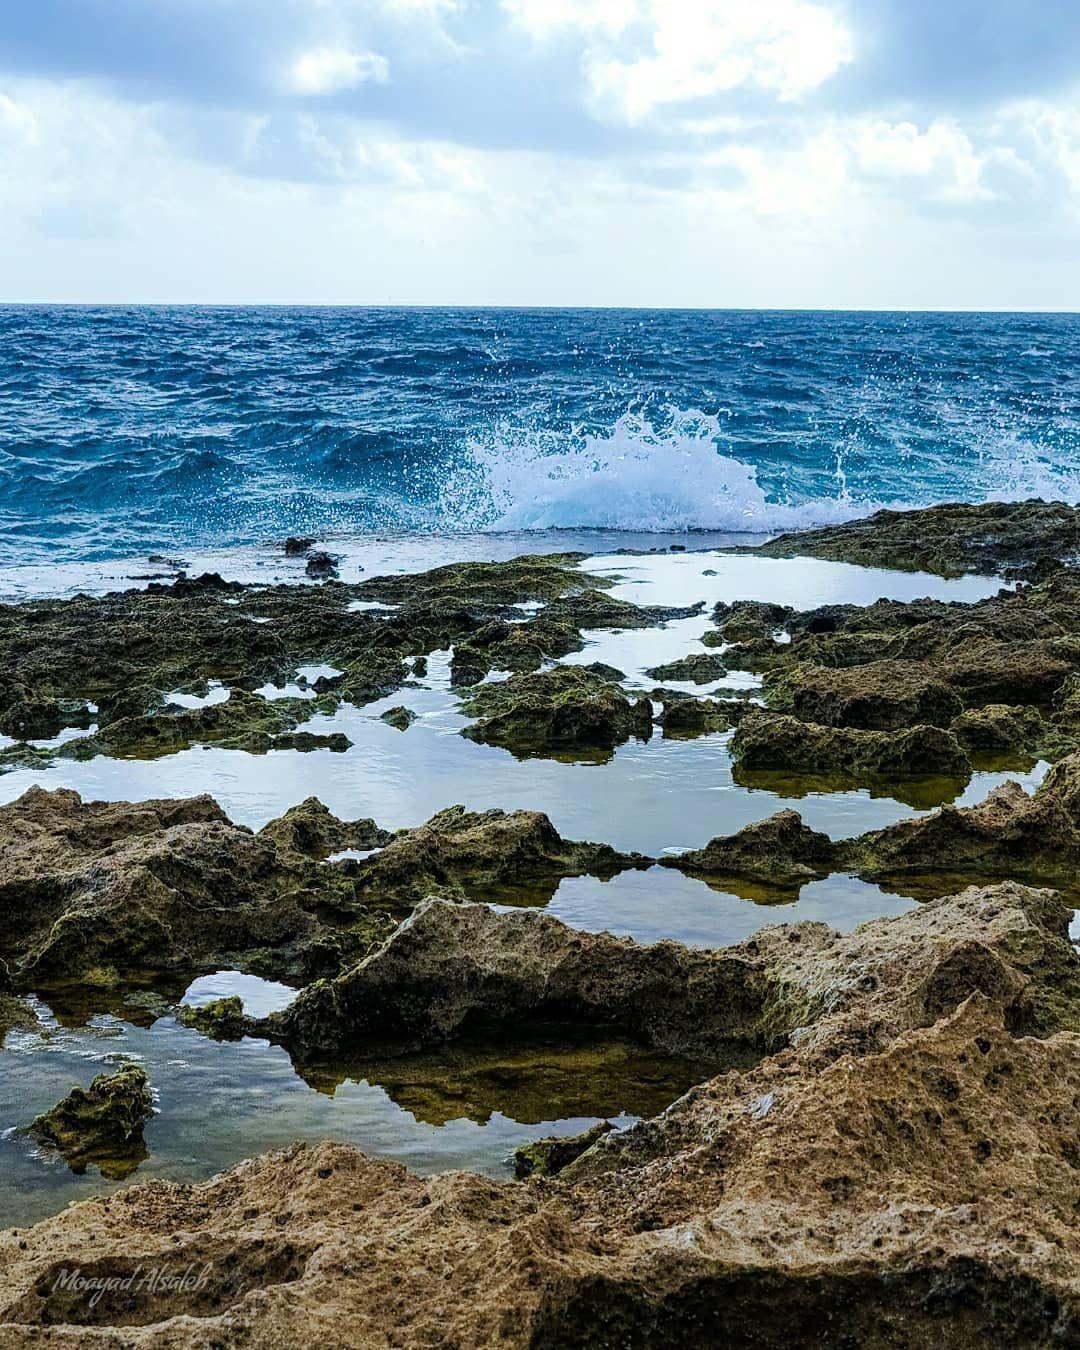 تصويري تصوير جوال تصويري تصویري عدسات عدستي بحيرة غيوم اكسبلور فولو اكسبلور ابداع احتراف احتراف تصوير احتراف هاشتاق Water Outdoor Coastline